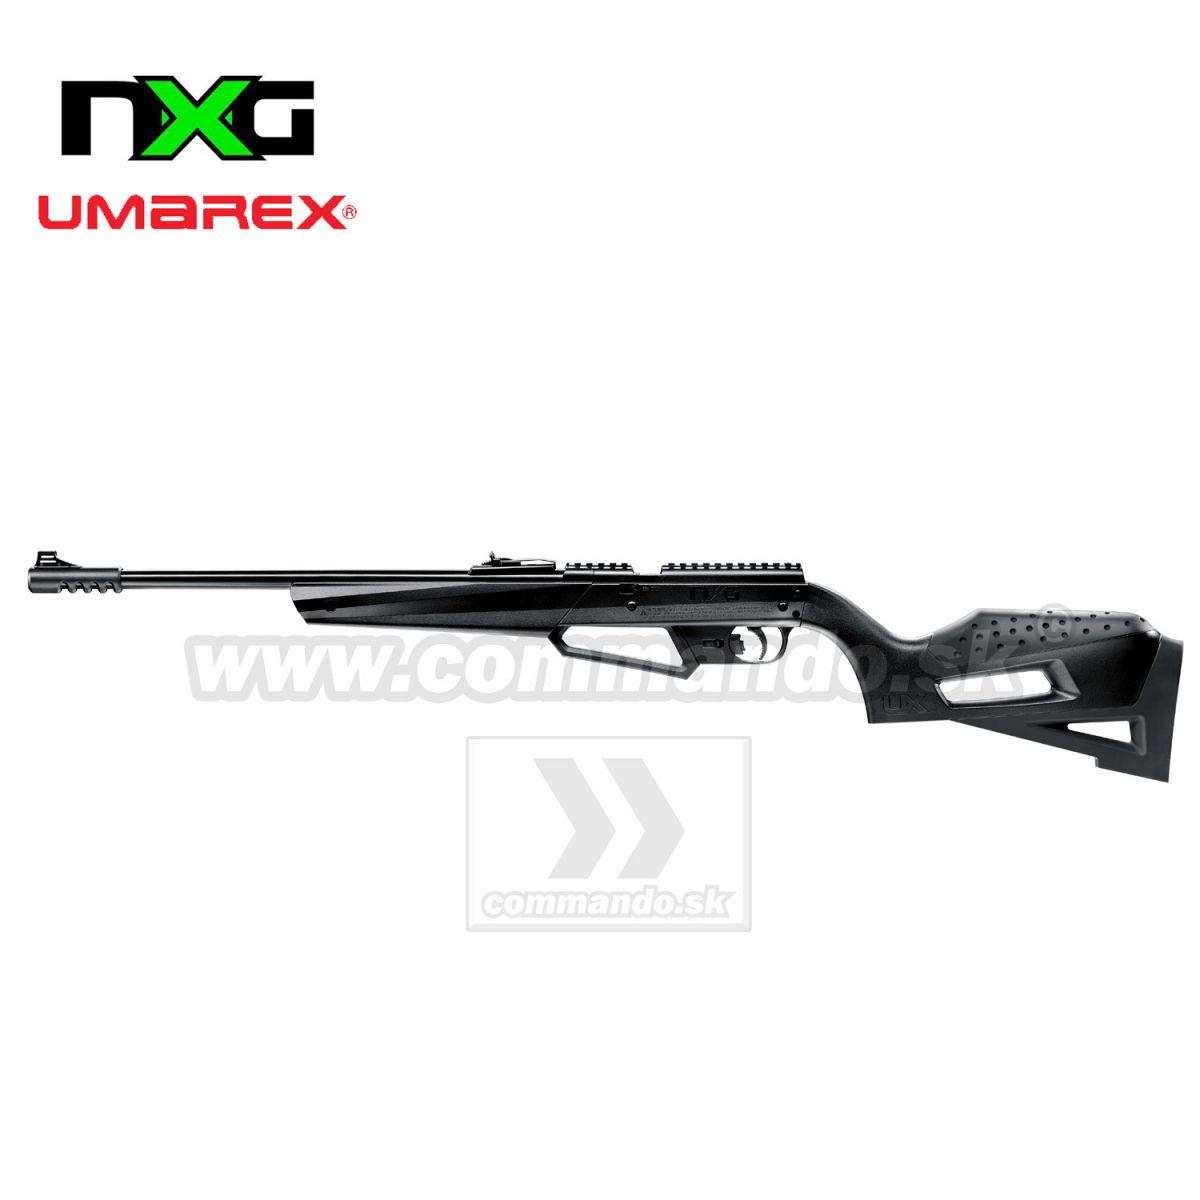 15d6d6fb1 Vzduchovka NXG APX Diabolo 4,5mm Airgun Pump Rifle | Commando.sk